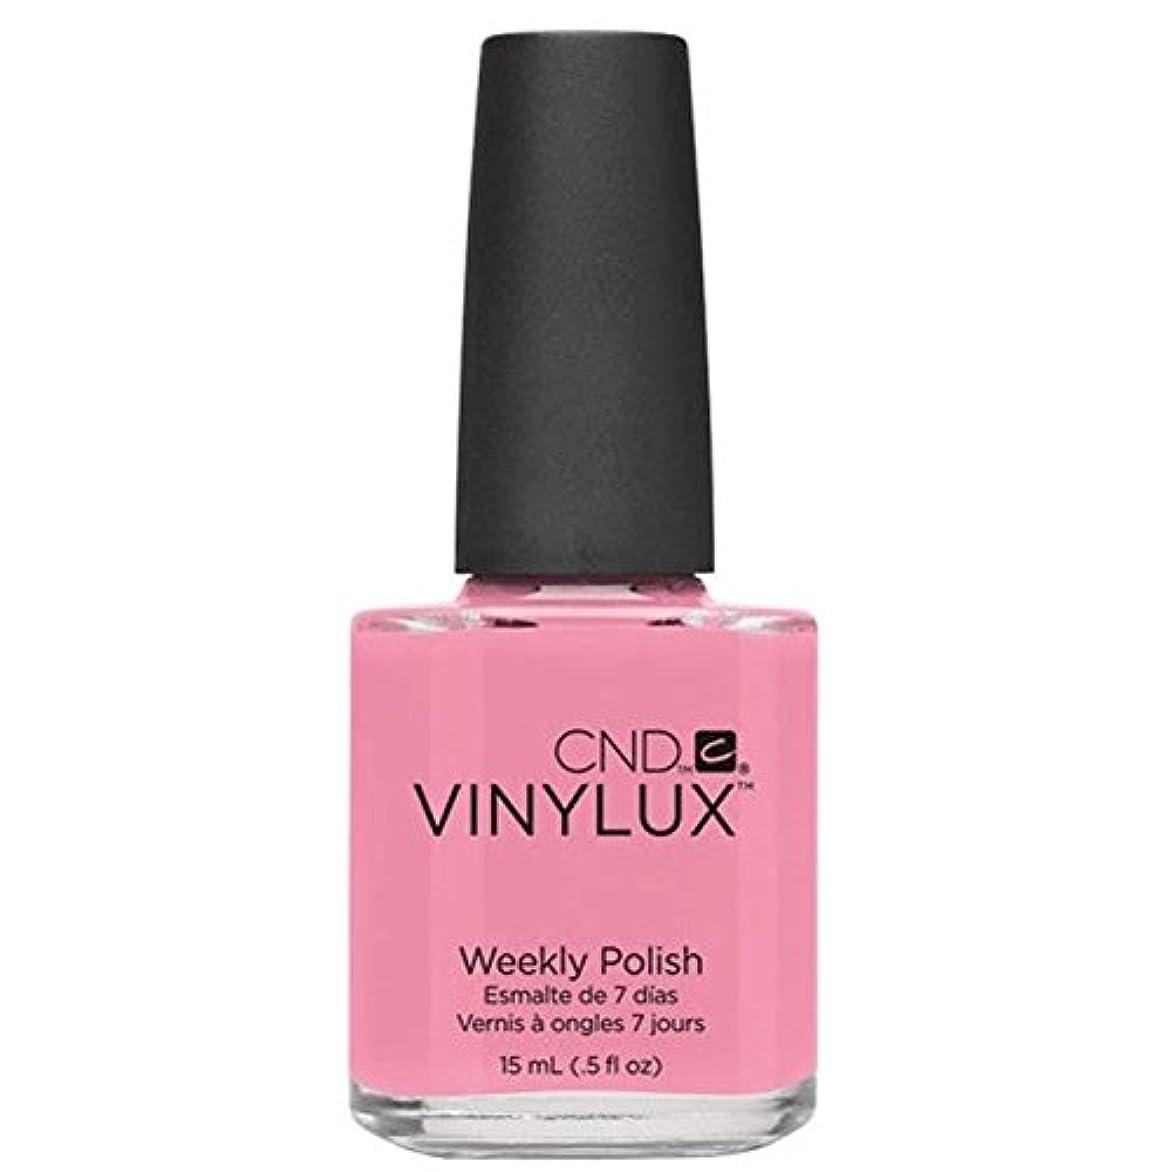 社員発表するアルカトラズ島CND Vinylux Manicure Lacquer _  Stawberry Smoothie #150_15ml (0.5oz)